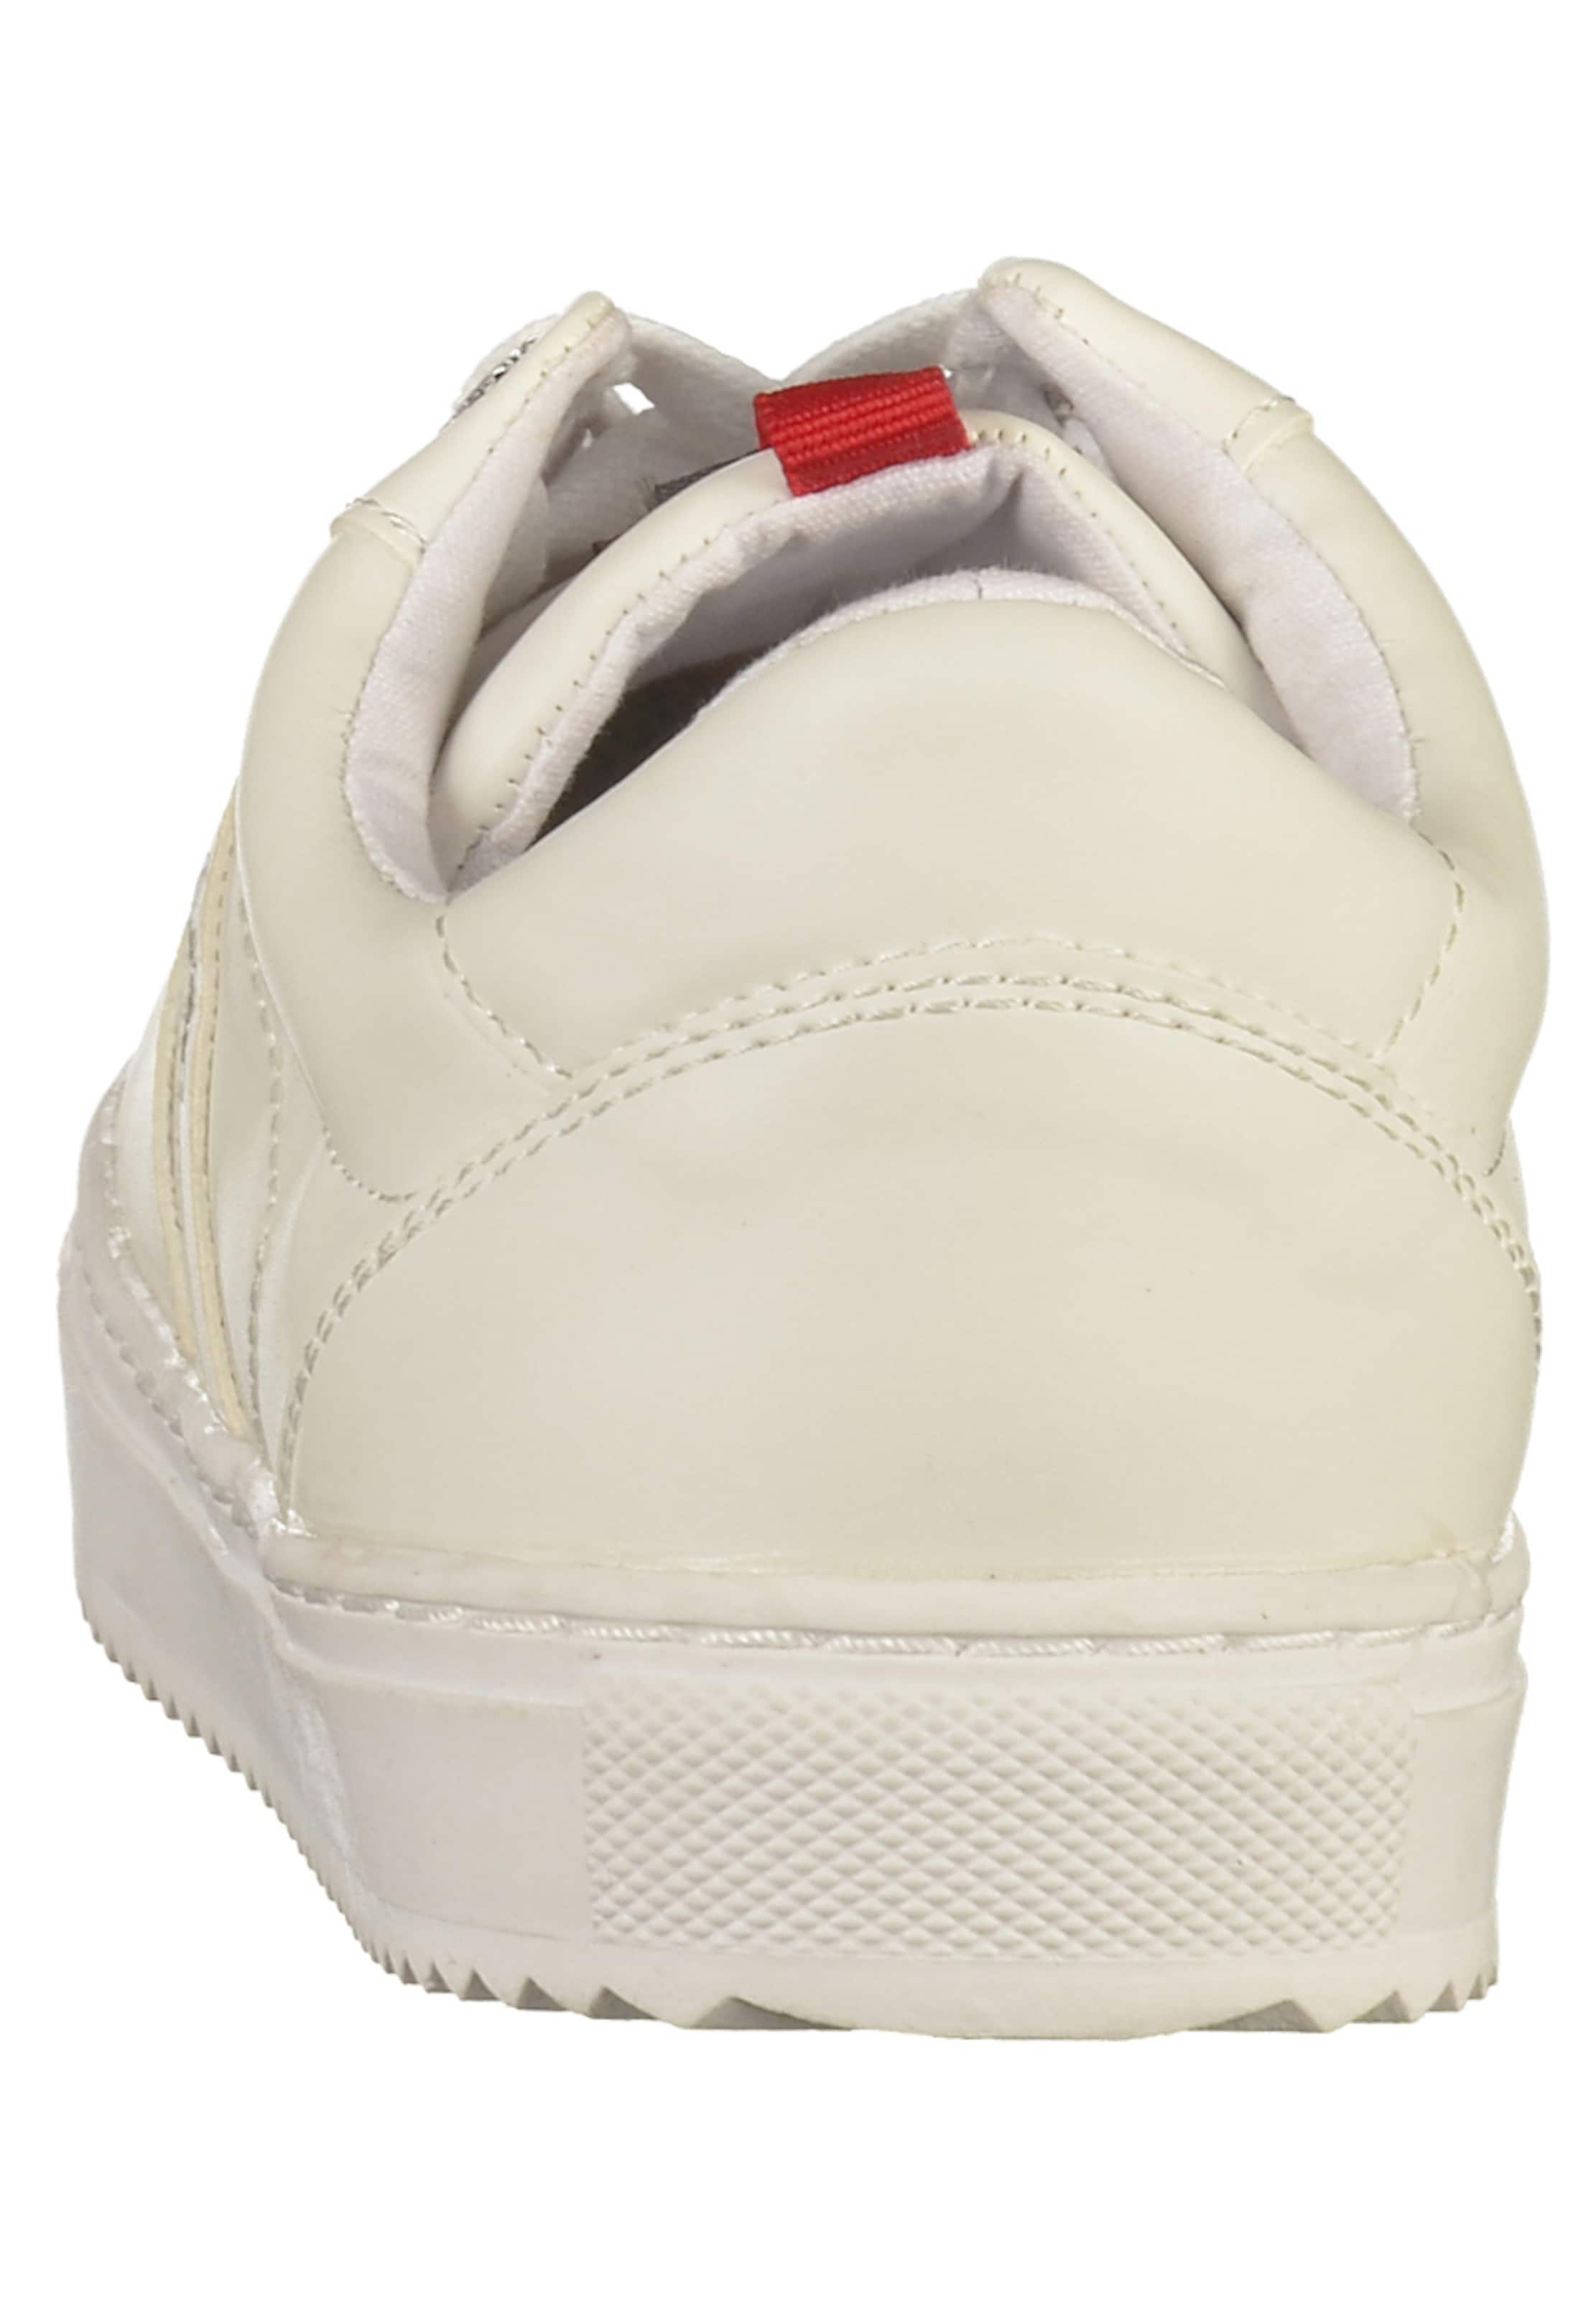 Red Baskets Basses En oliver Blanc S Label lTF1JKc